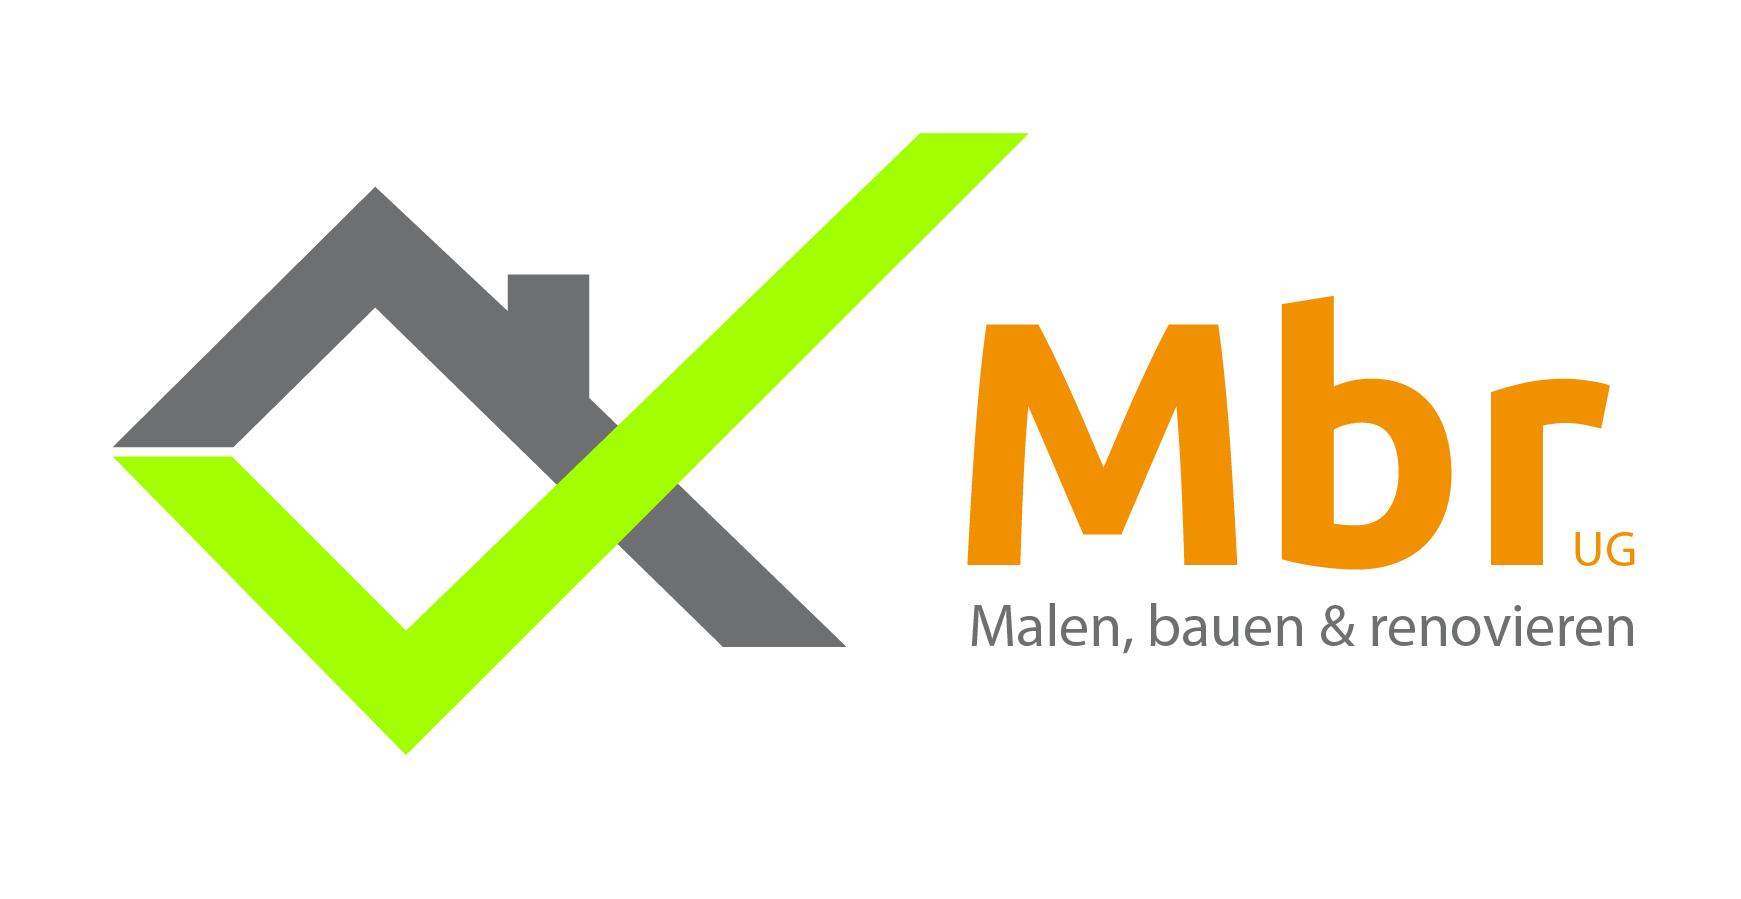 Mbr Malen-Bauen-Renovieren